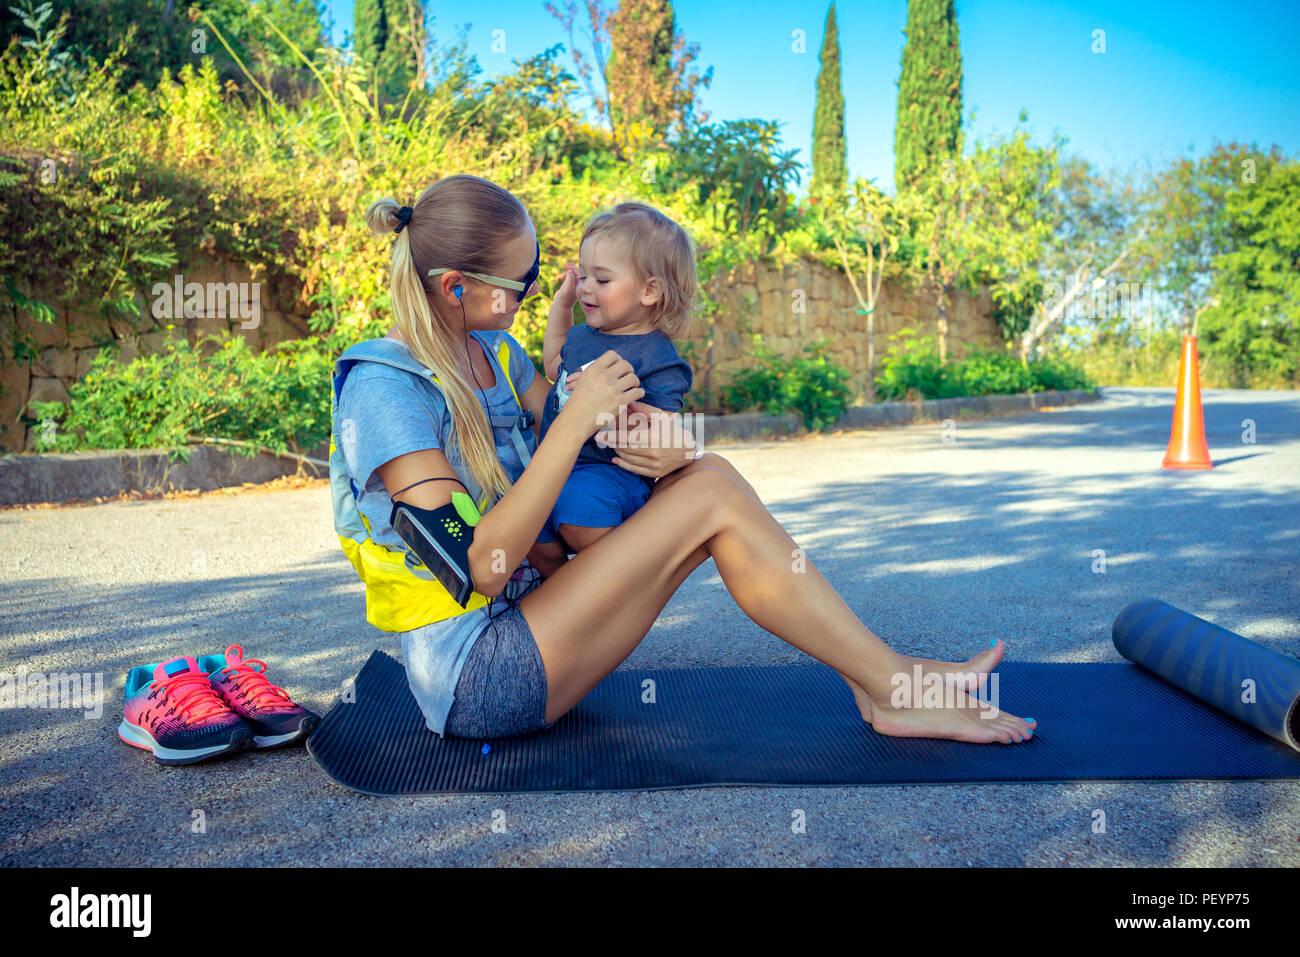 Mère avec bébé faisant de l'exercice à l'extérieur dans le parc en journée ensoleillée, happy family together jeu sport, vie active saine Photo Stock